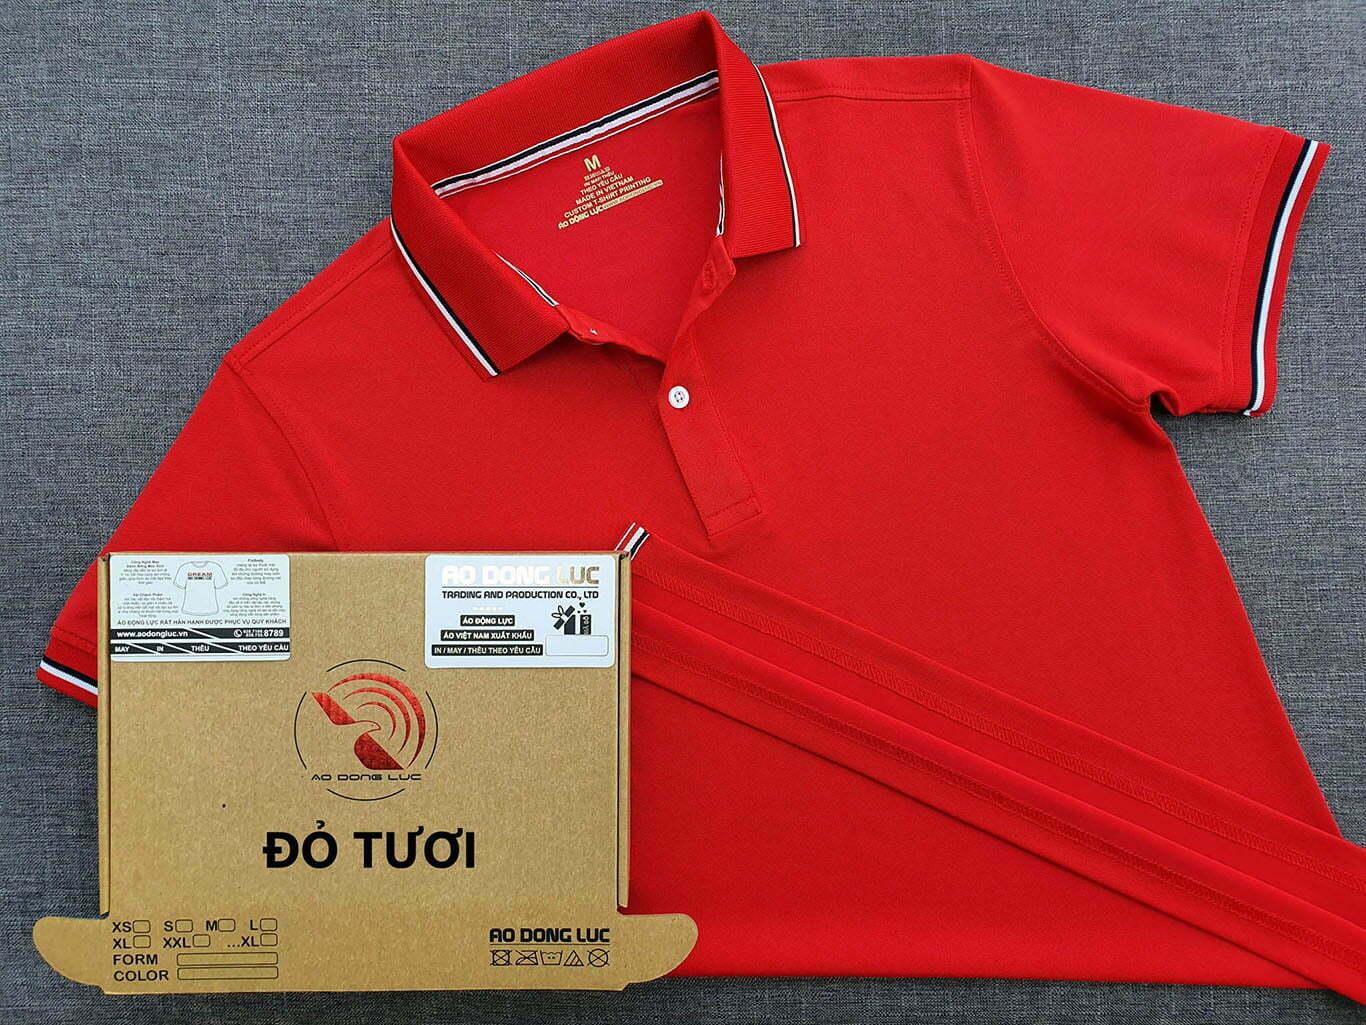 danh mục áo thun trơn với nhiều mẫu áo cổ tròn, polo, áo thun nam, áo thun nữ để khách hàng dễ dàng lựa chọn